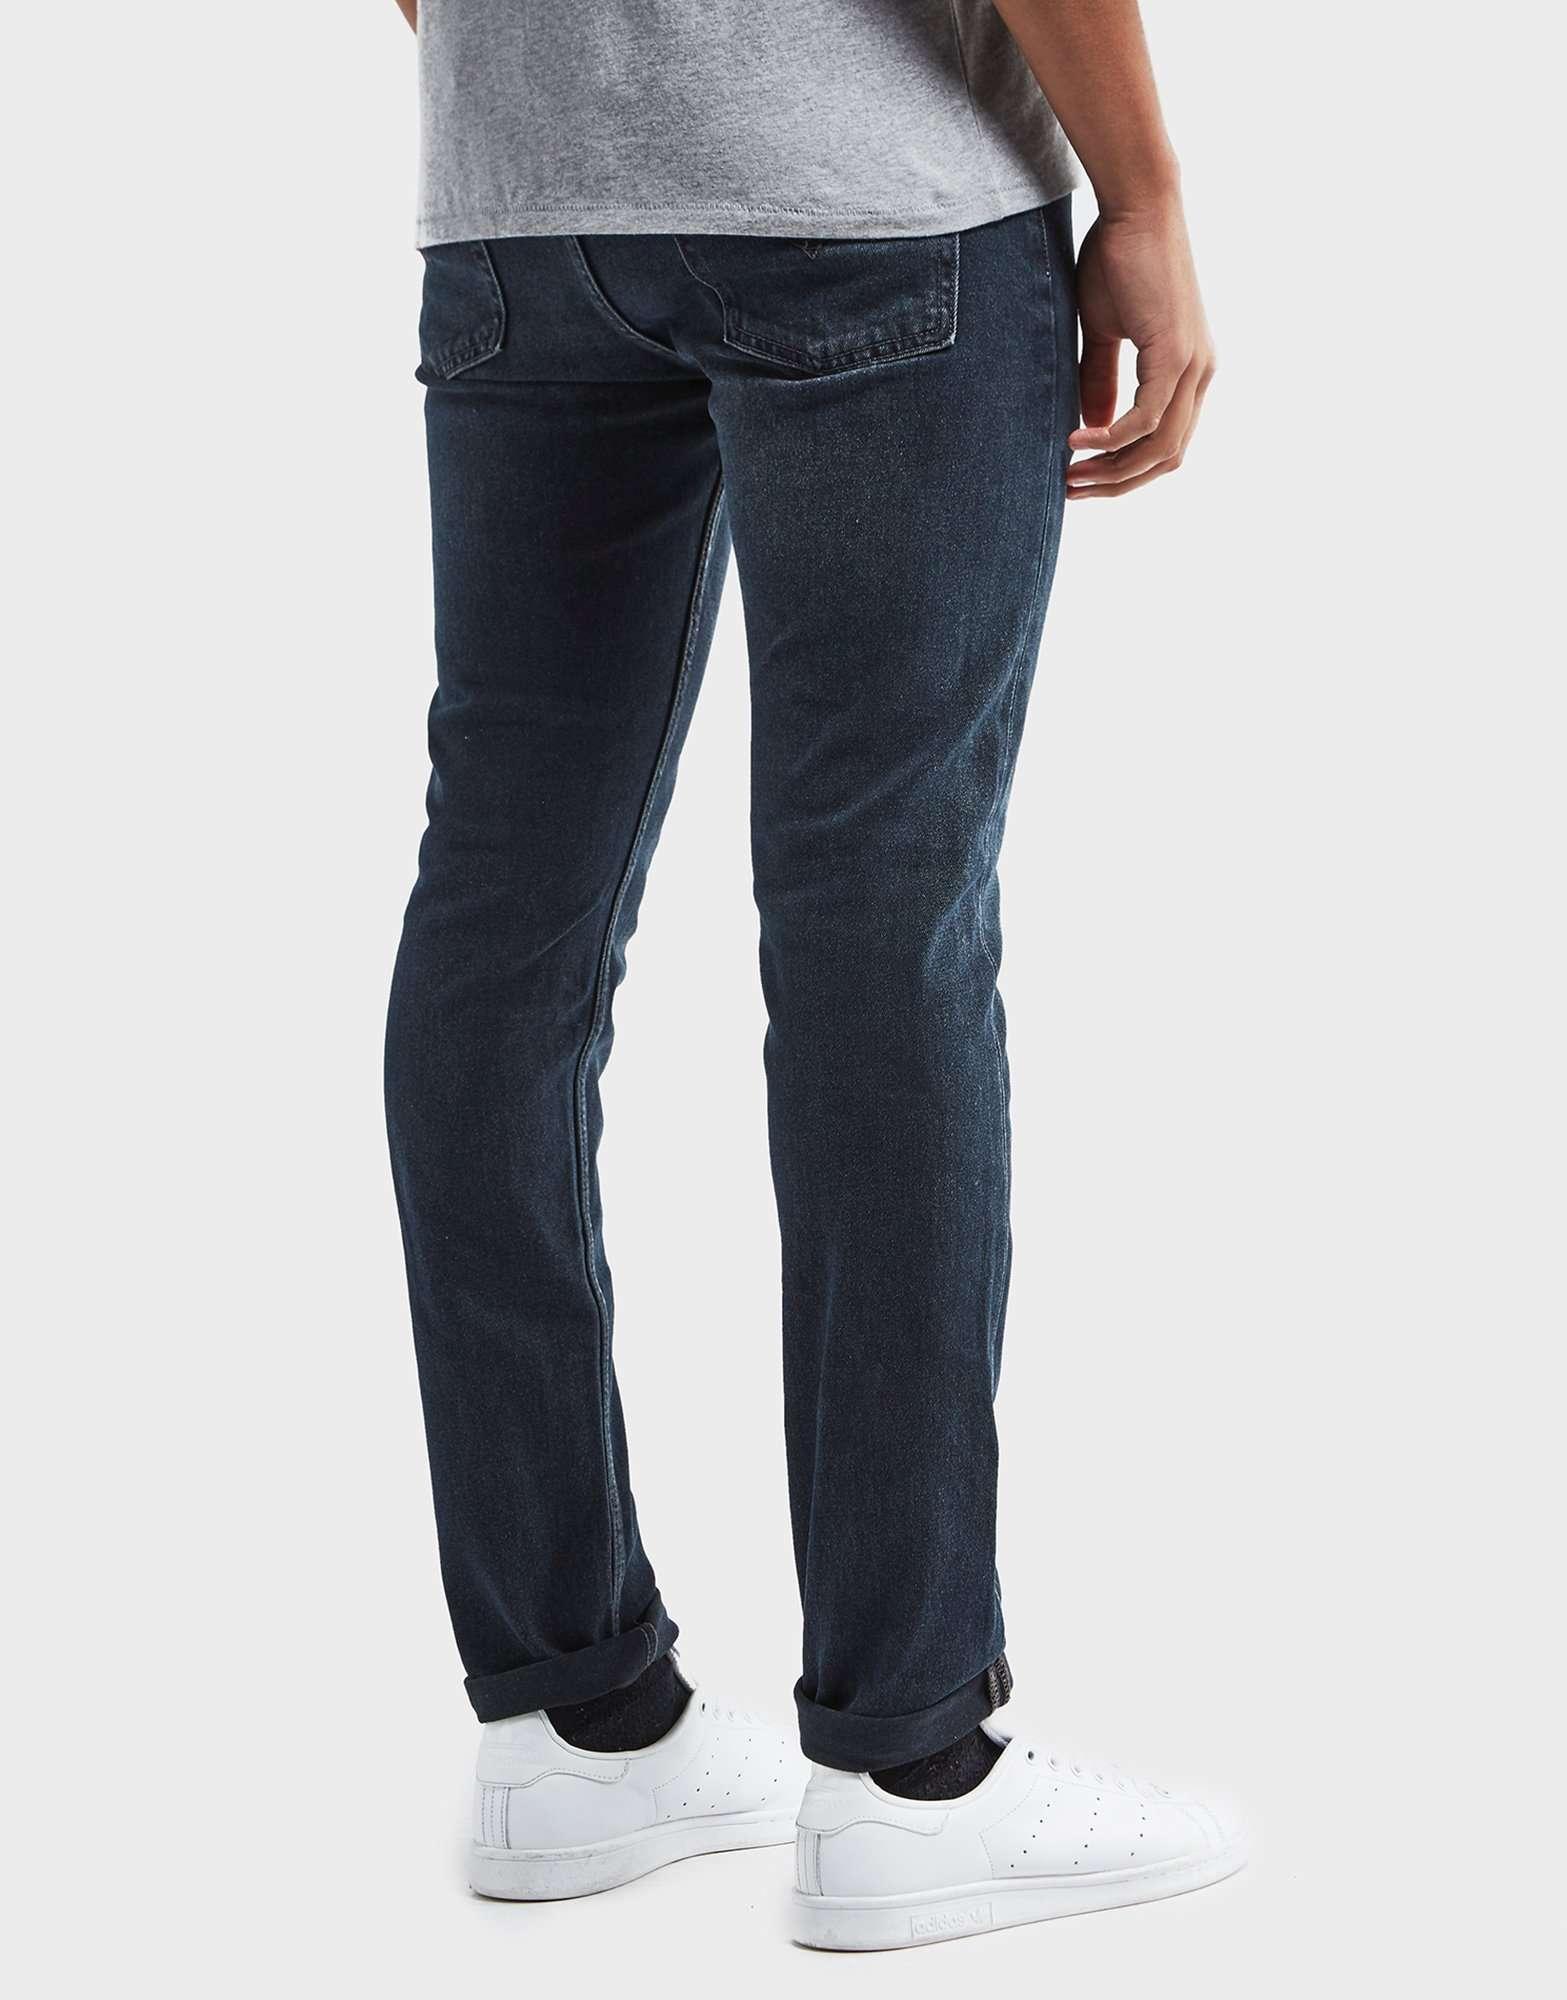 levis 510 skinny jeans scotts menswear